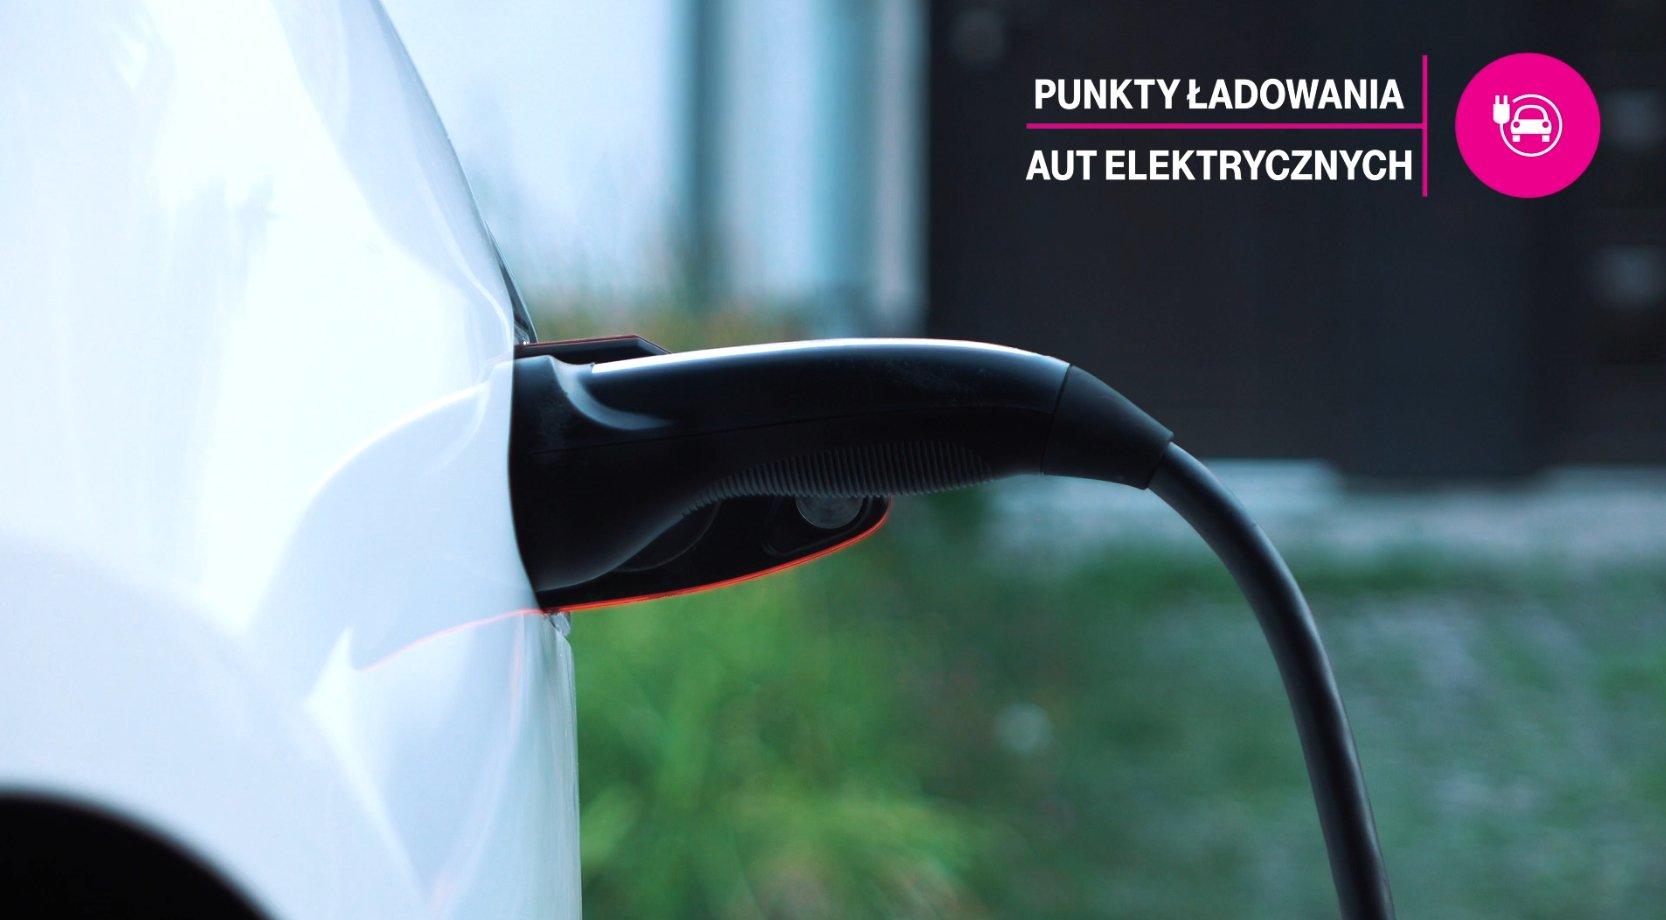 punkty ładowania aut elektrycznych